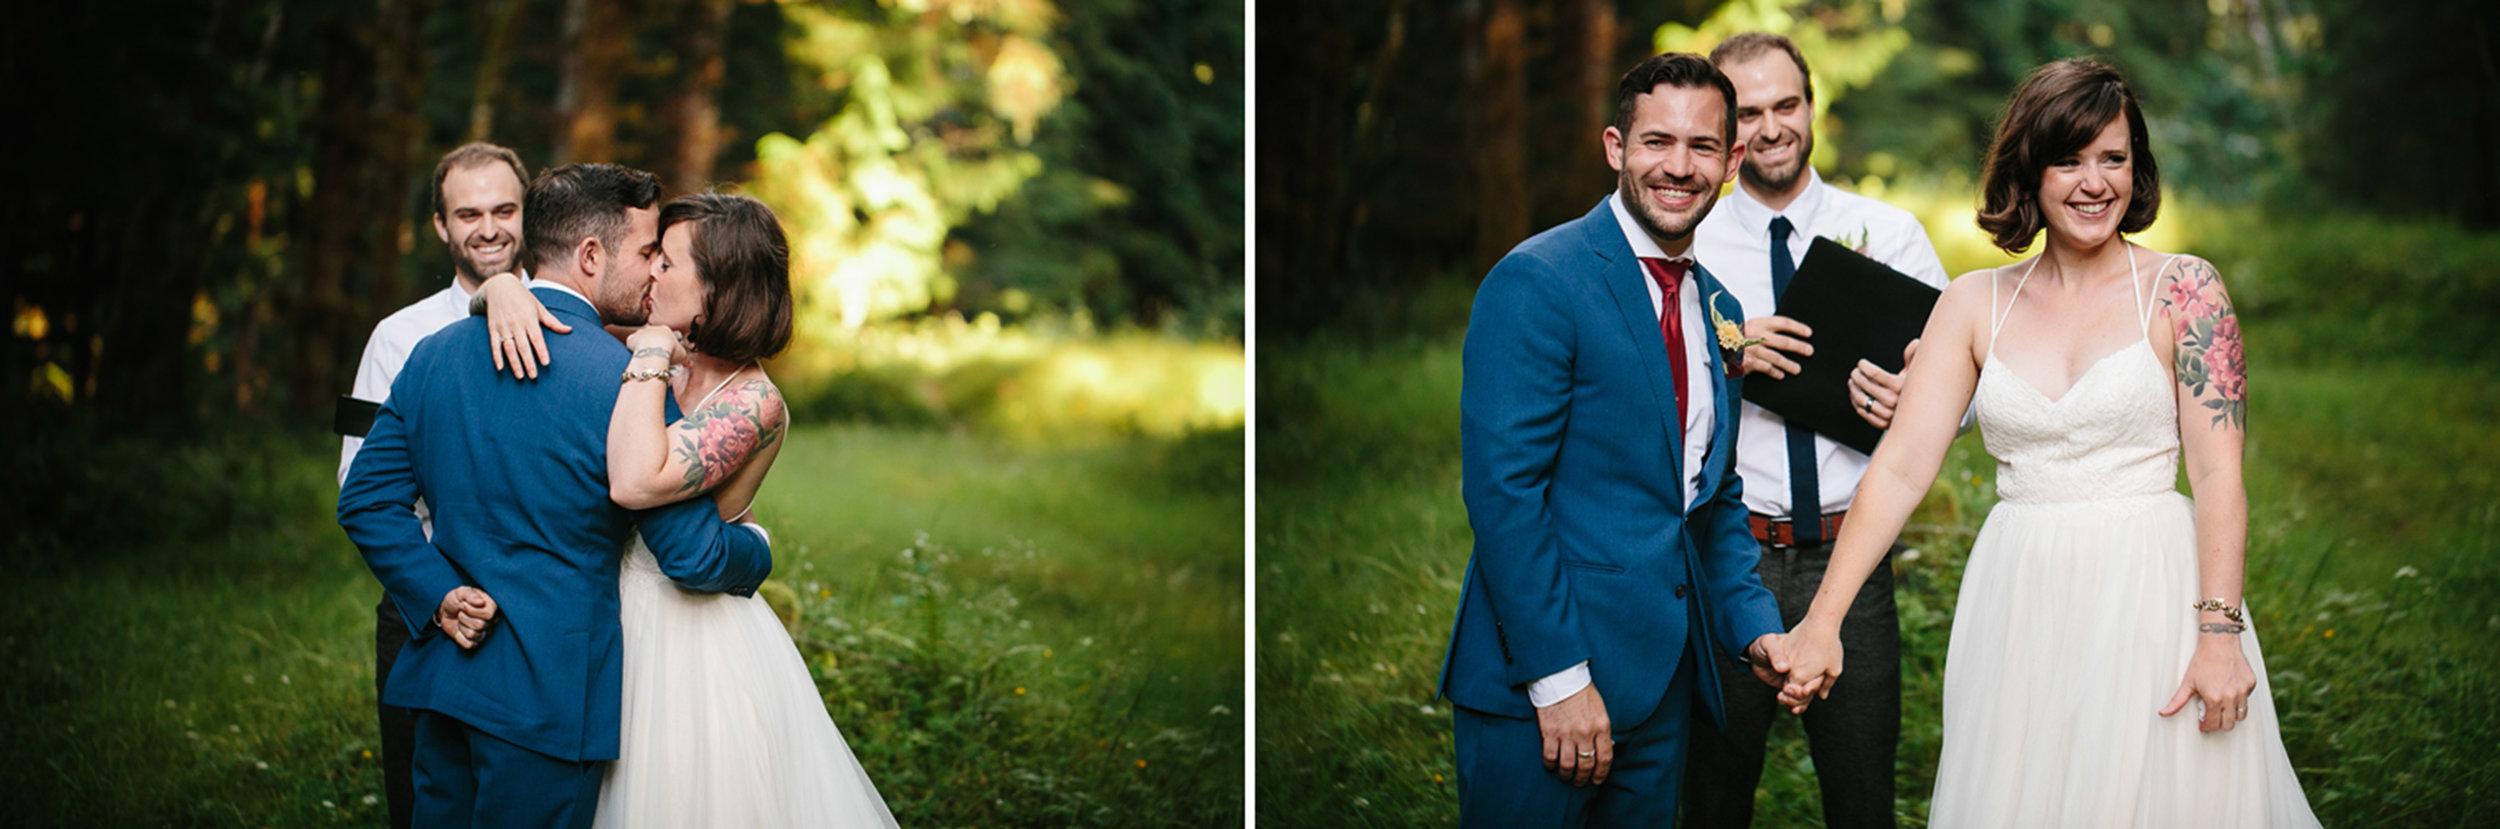 Washington_WeddingPhotographer_036.jpg